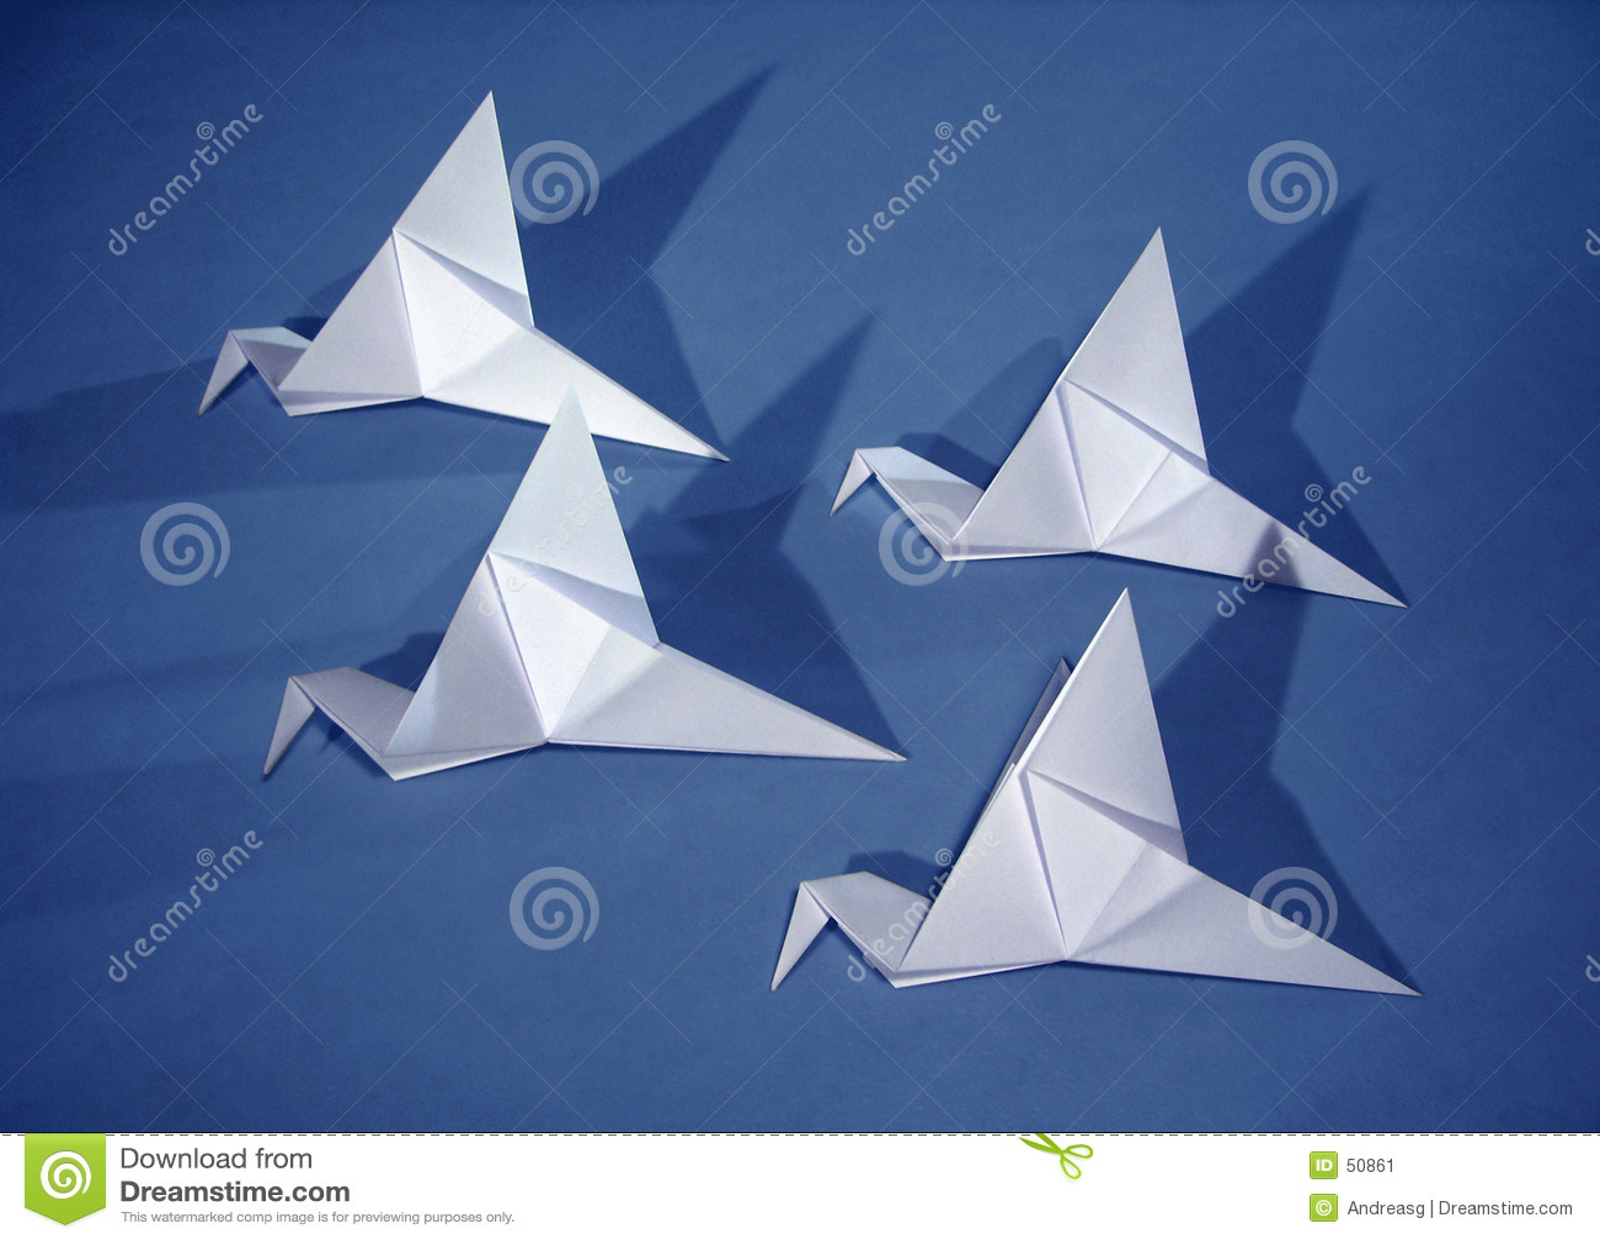 Download 4 oiseaux de papier image stock. Image du course, idée, métier - 50861